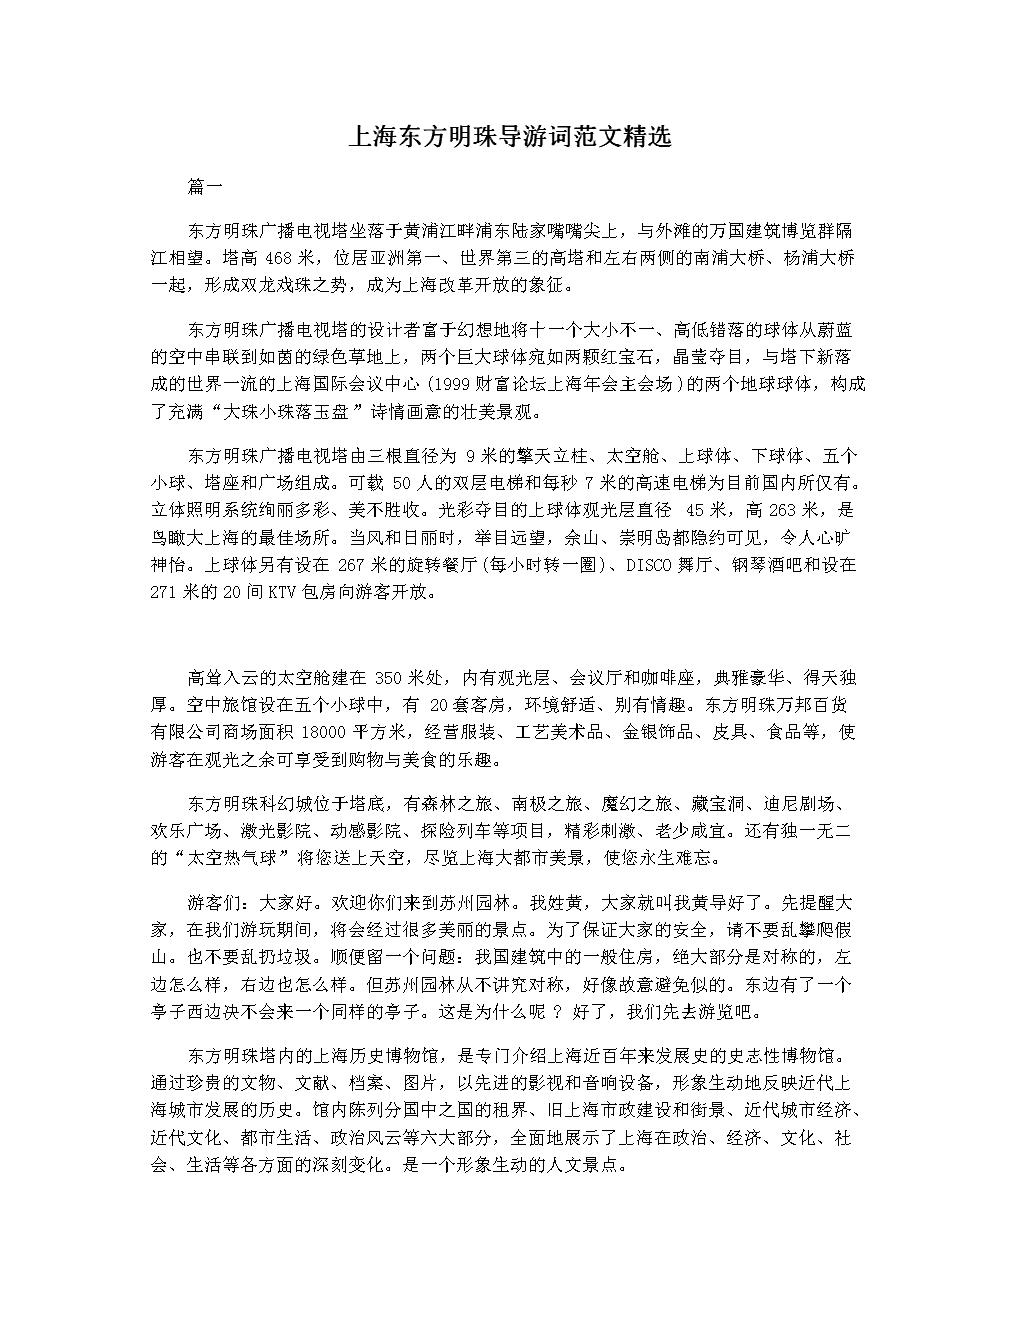 上海东方明珠导游词范文精选.docx